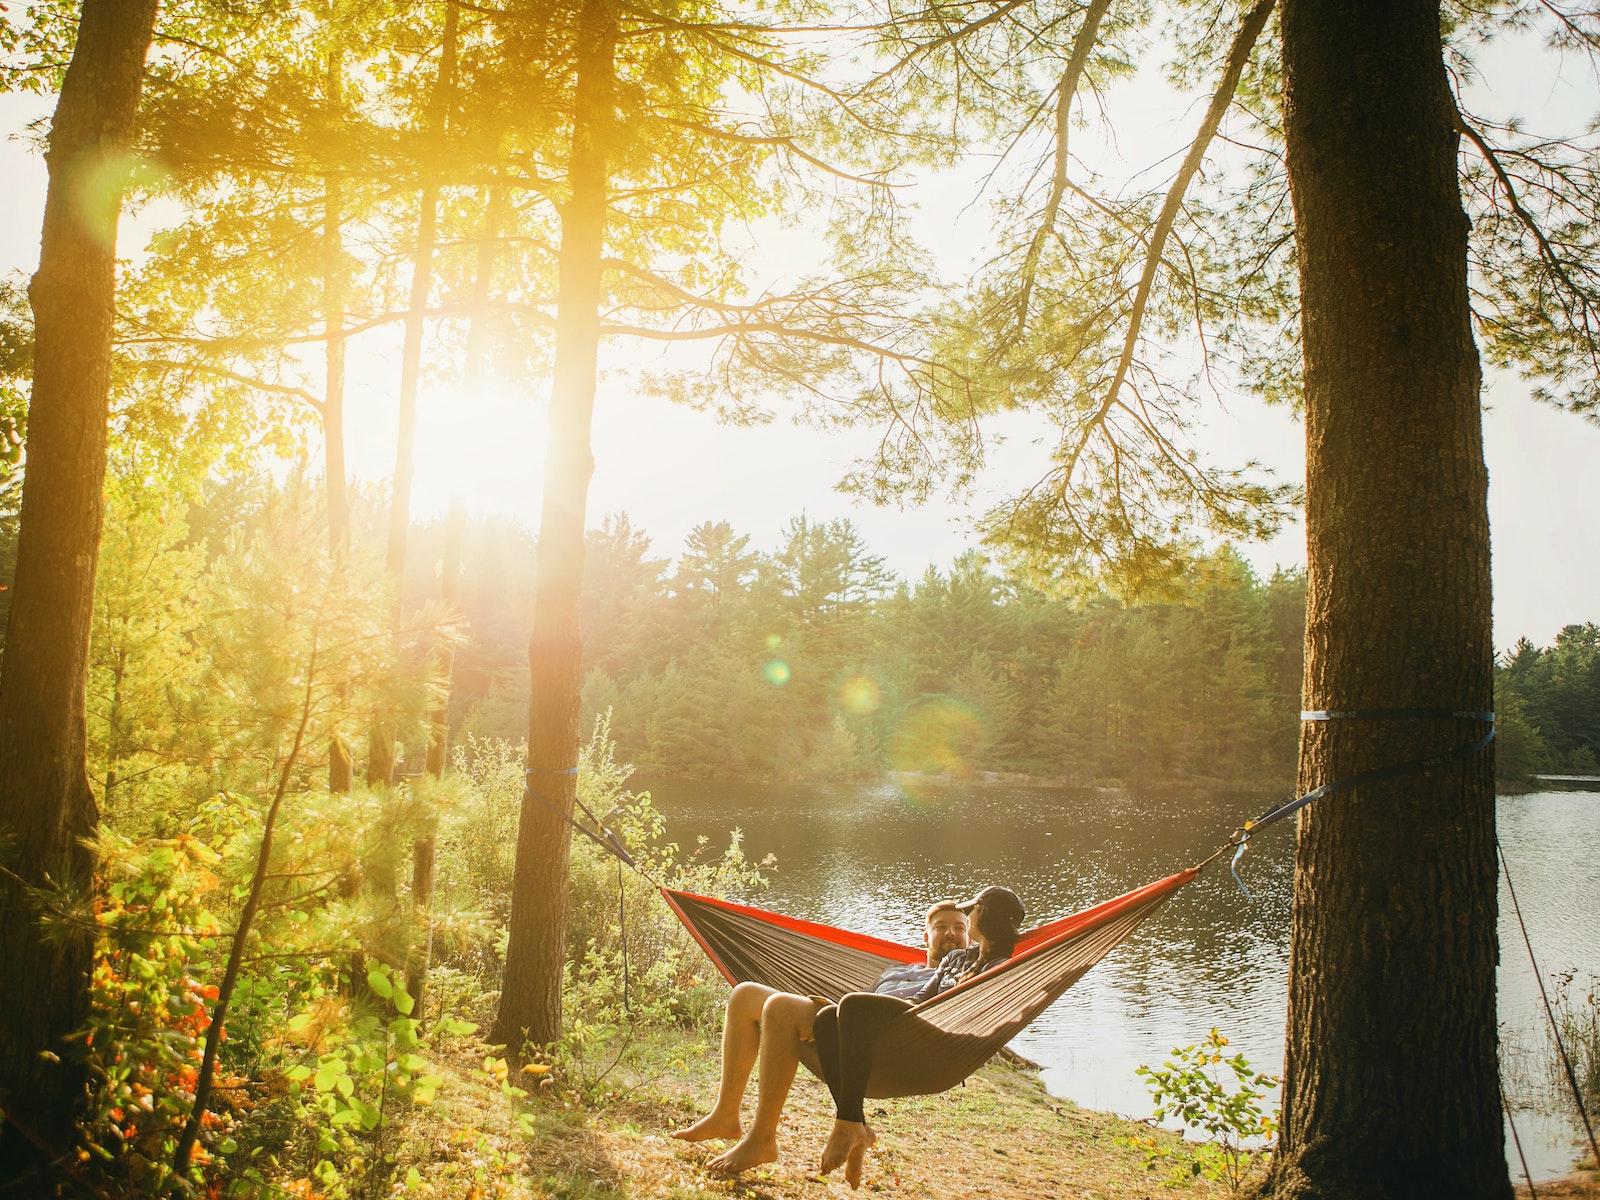 kamperen in de natuur